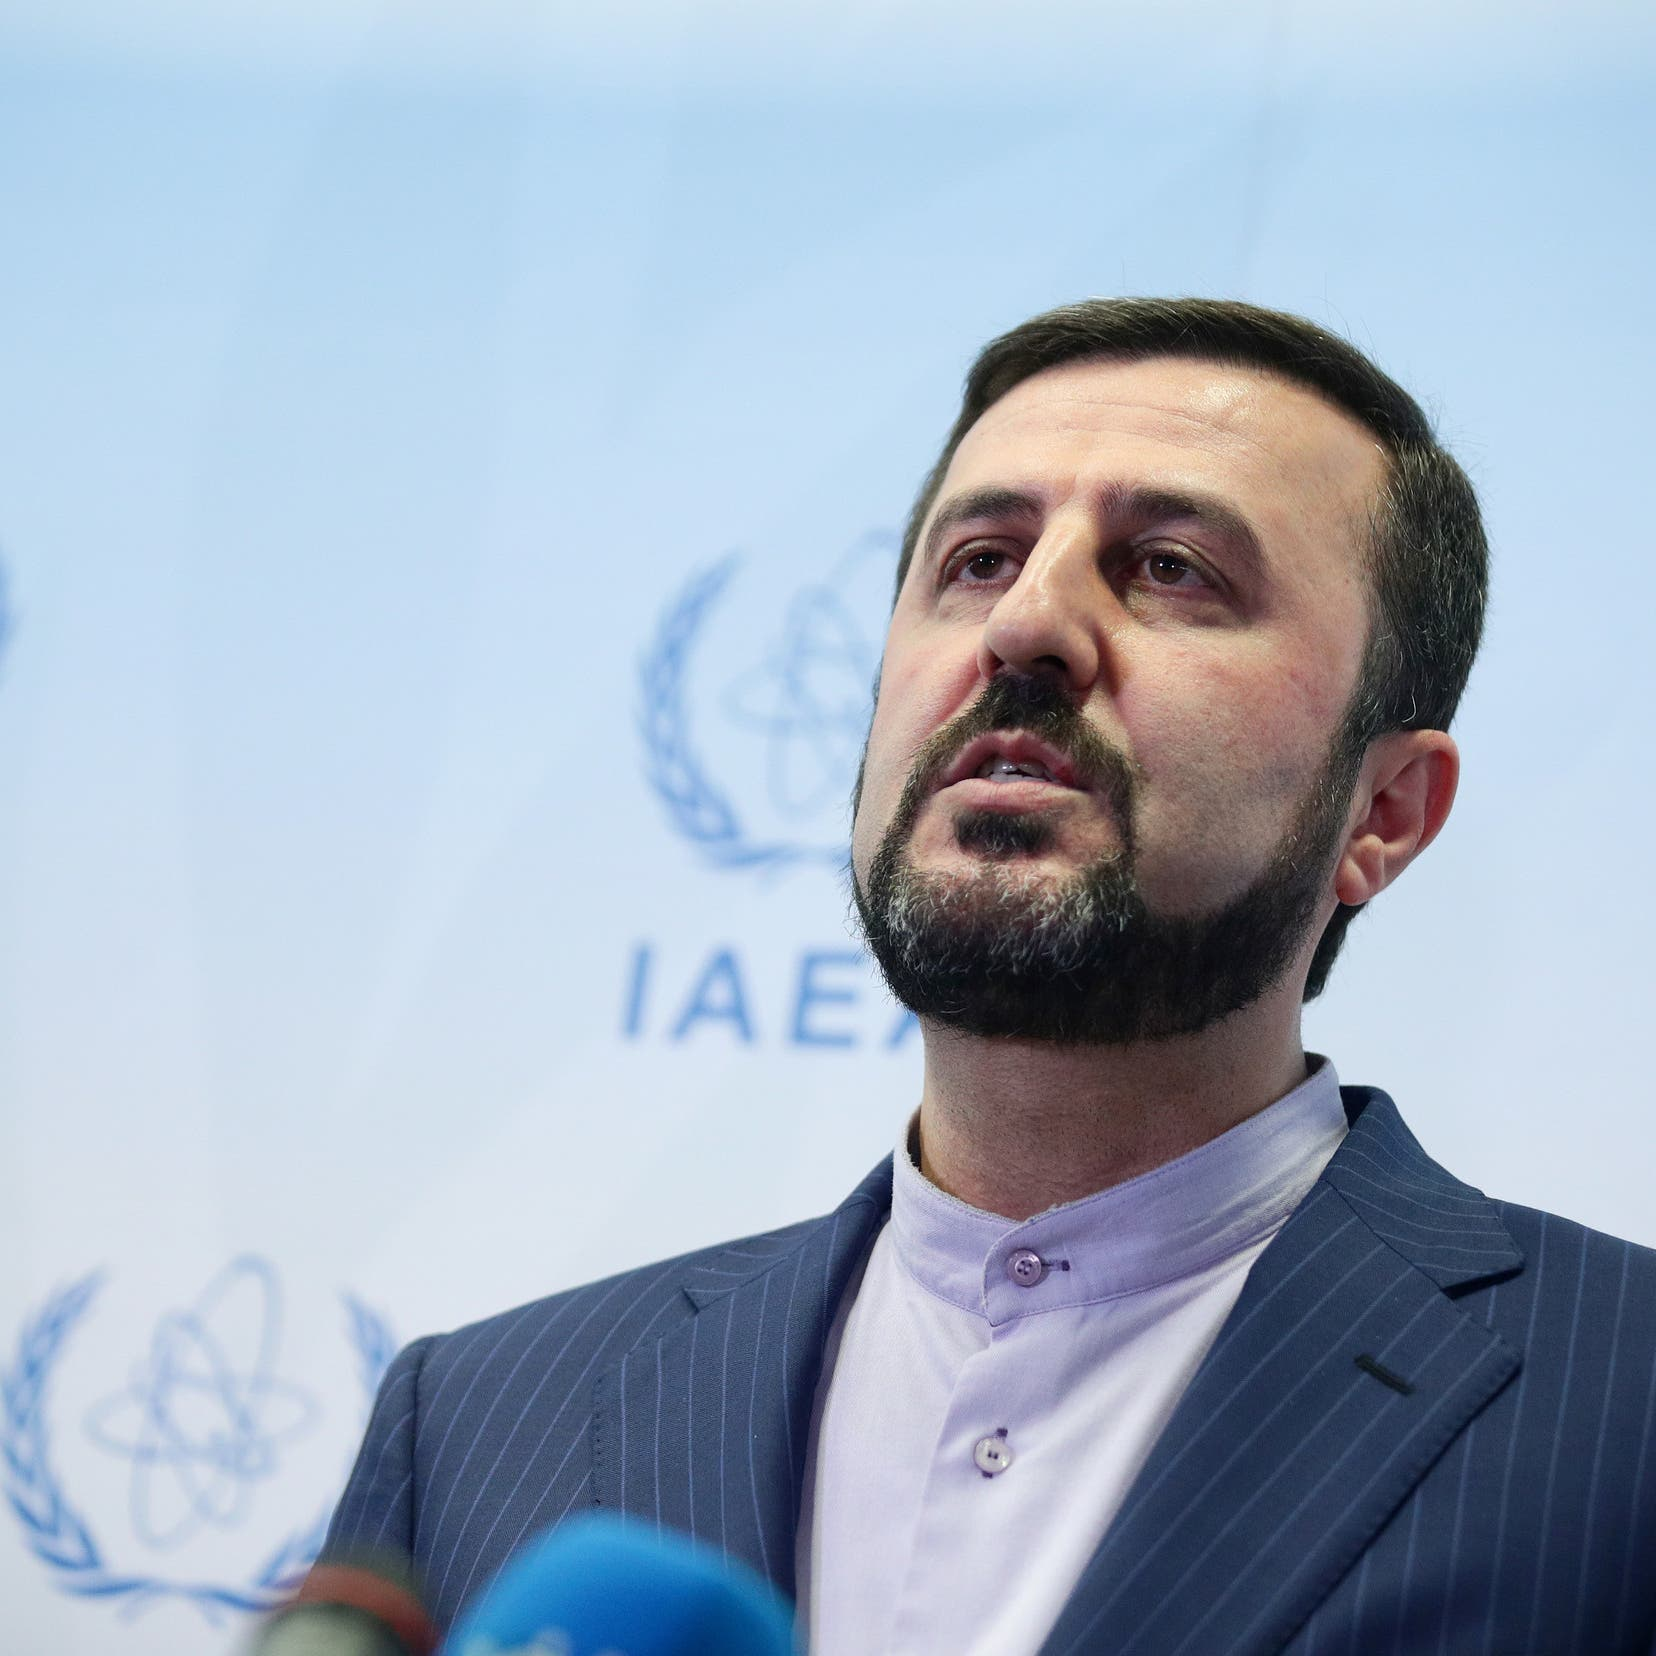 إيران: الخيار الوحيد على طاولة فيينارفع جميع العقوبات